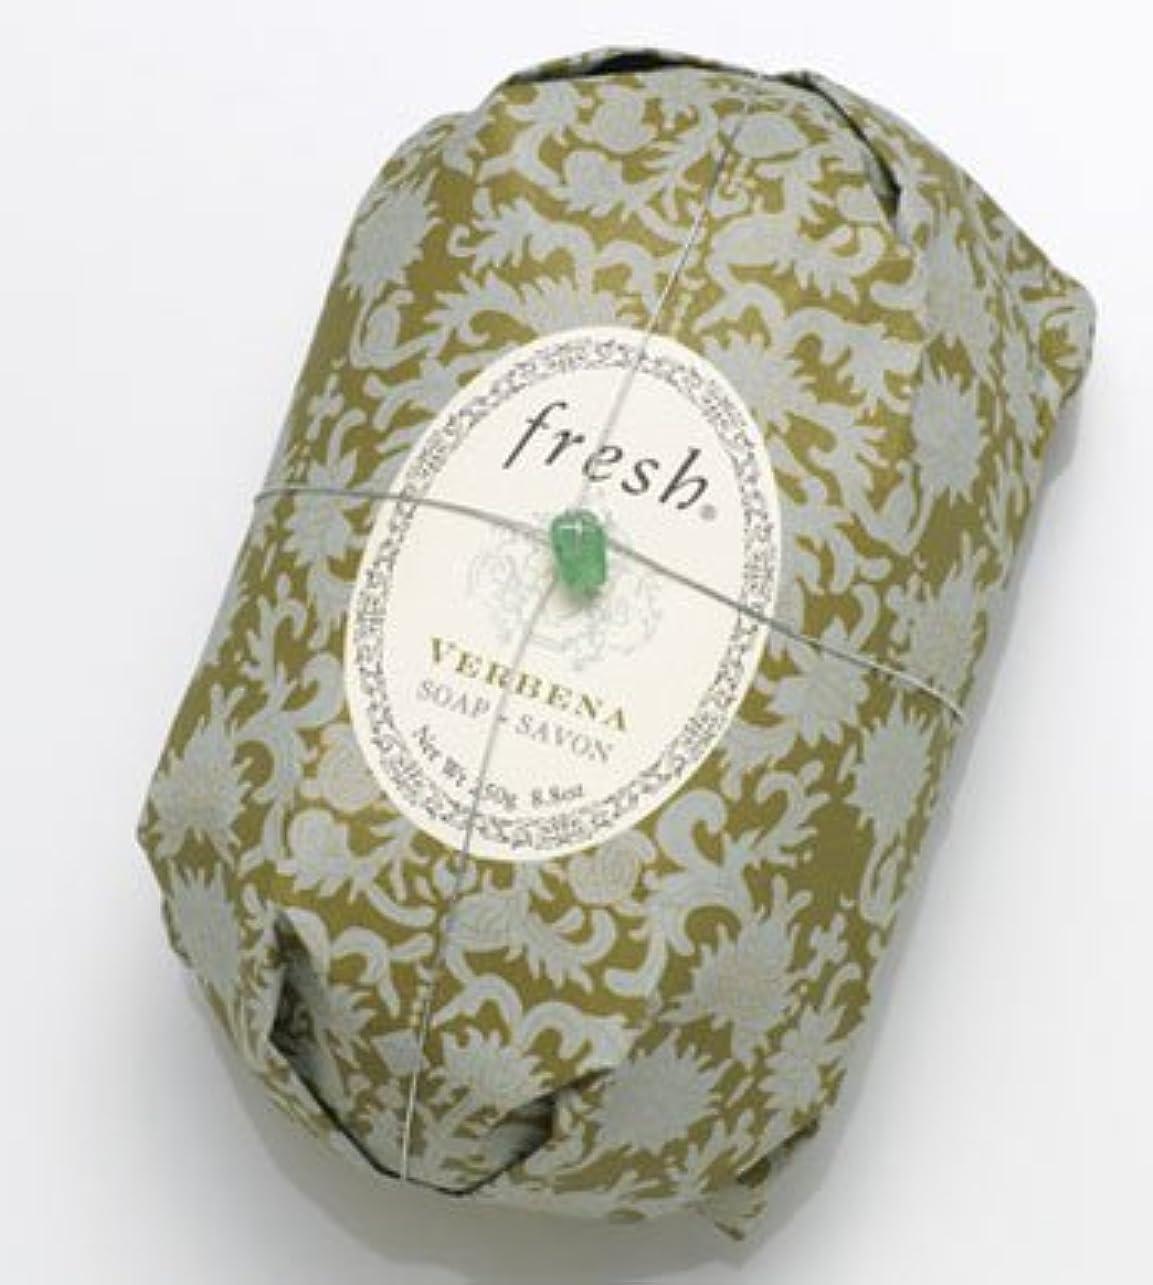 蓮スーパー知覚するFresh VERBENA SOAP (フレッシュ バーベナ ソープ) 8.8 oz (250g) Soap (石鹸) by Fresh